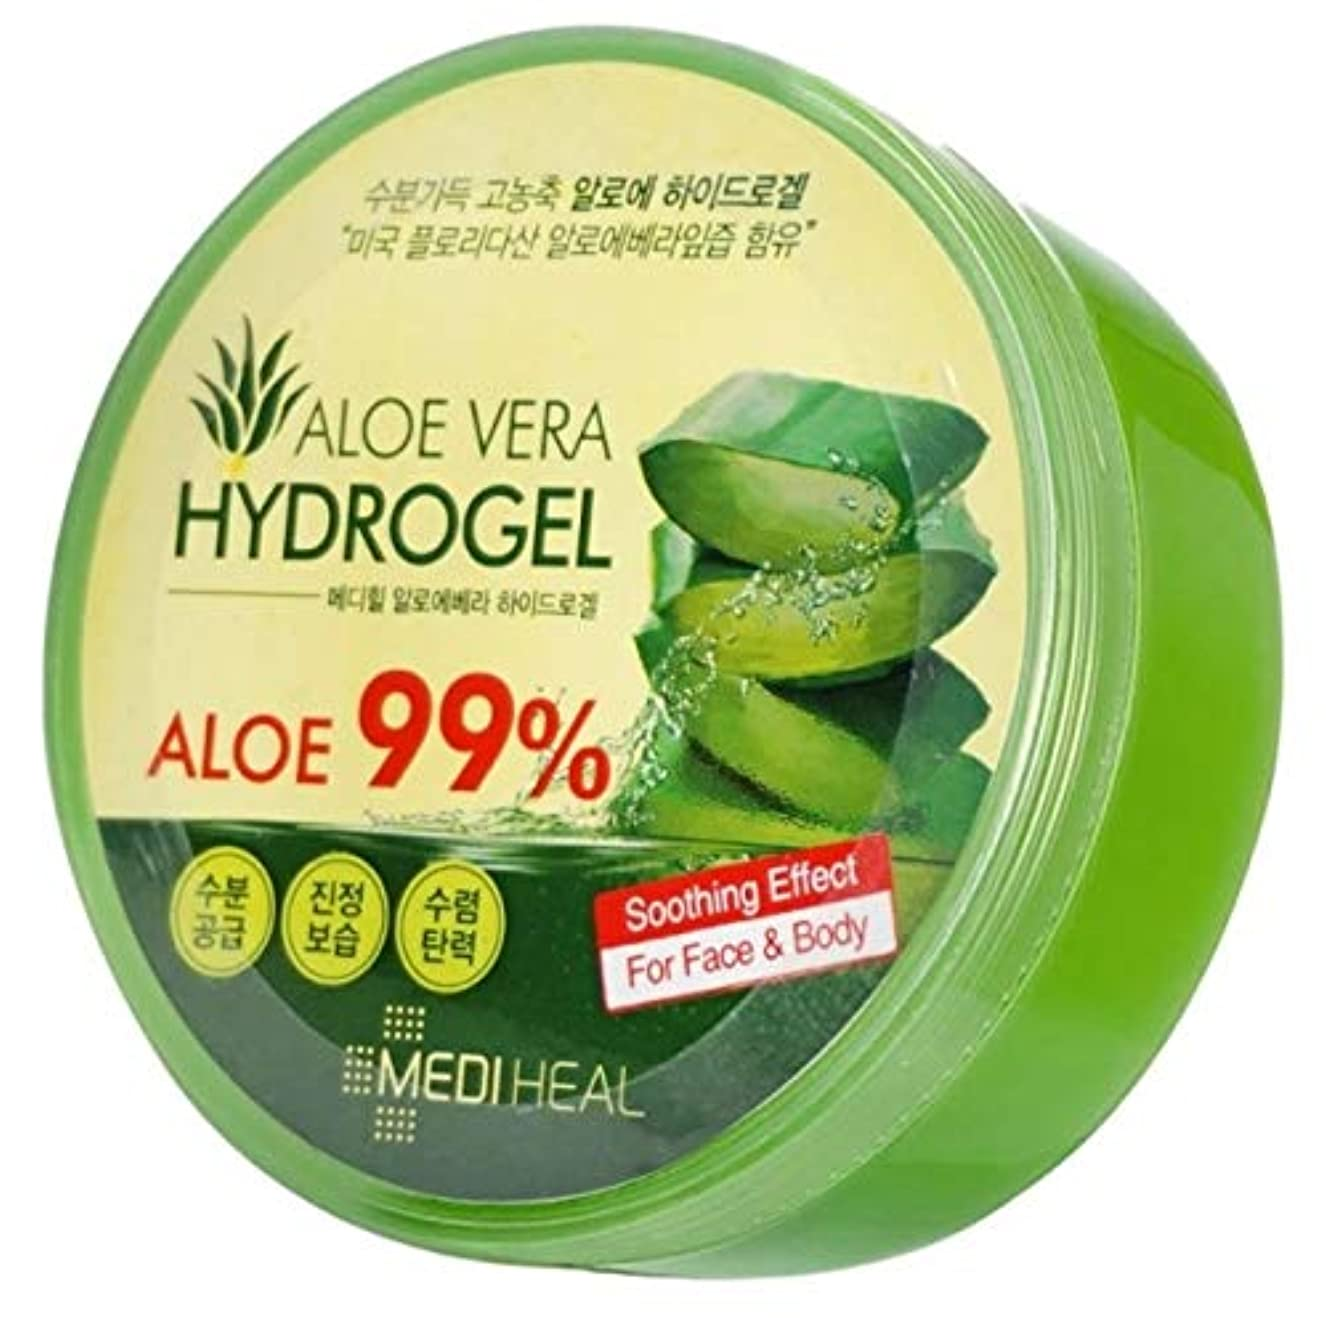 正直顎コントローラMediheal メディヒール Skin Soothing なだめるような & Moisture 水分 99% Aloe アロエ Vera Hydro Gels ハイドロゲル